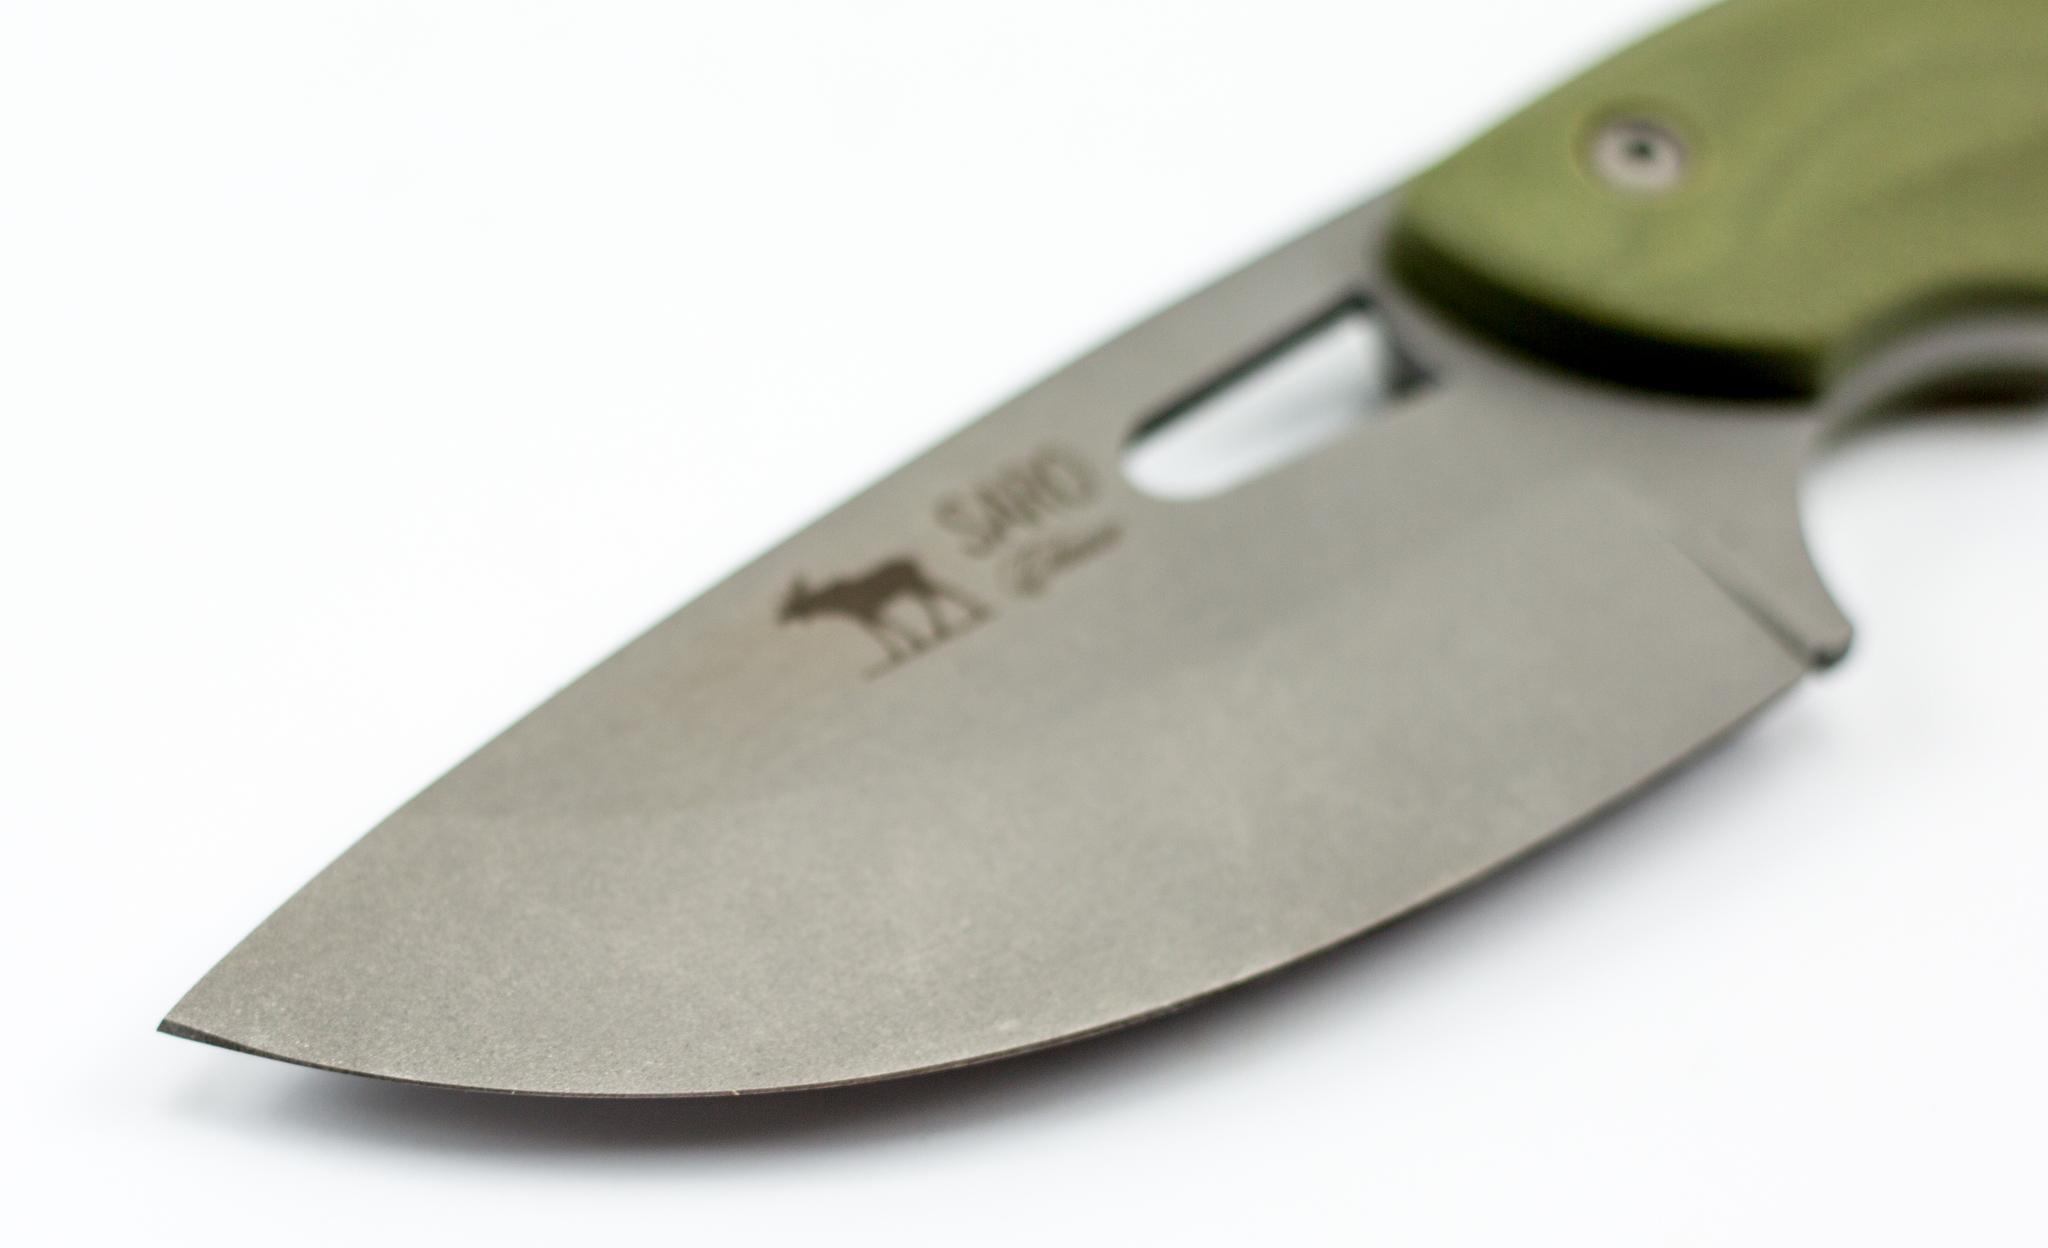 Фото 16 - Нож «Куница», хамелеон от САРО